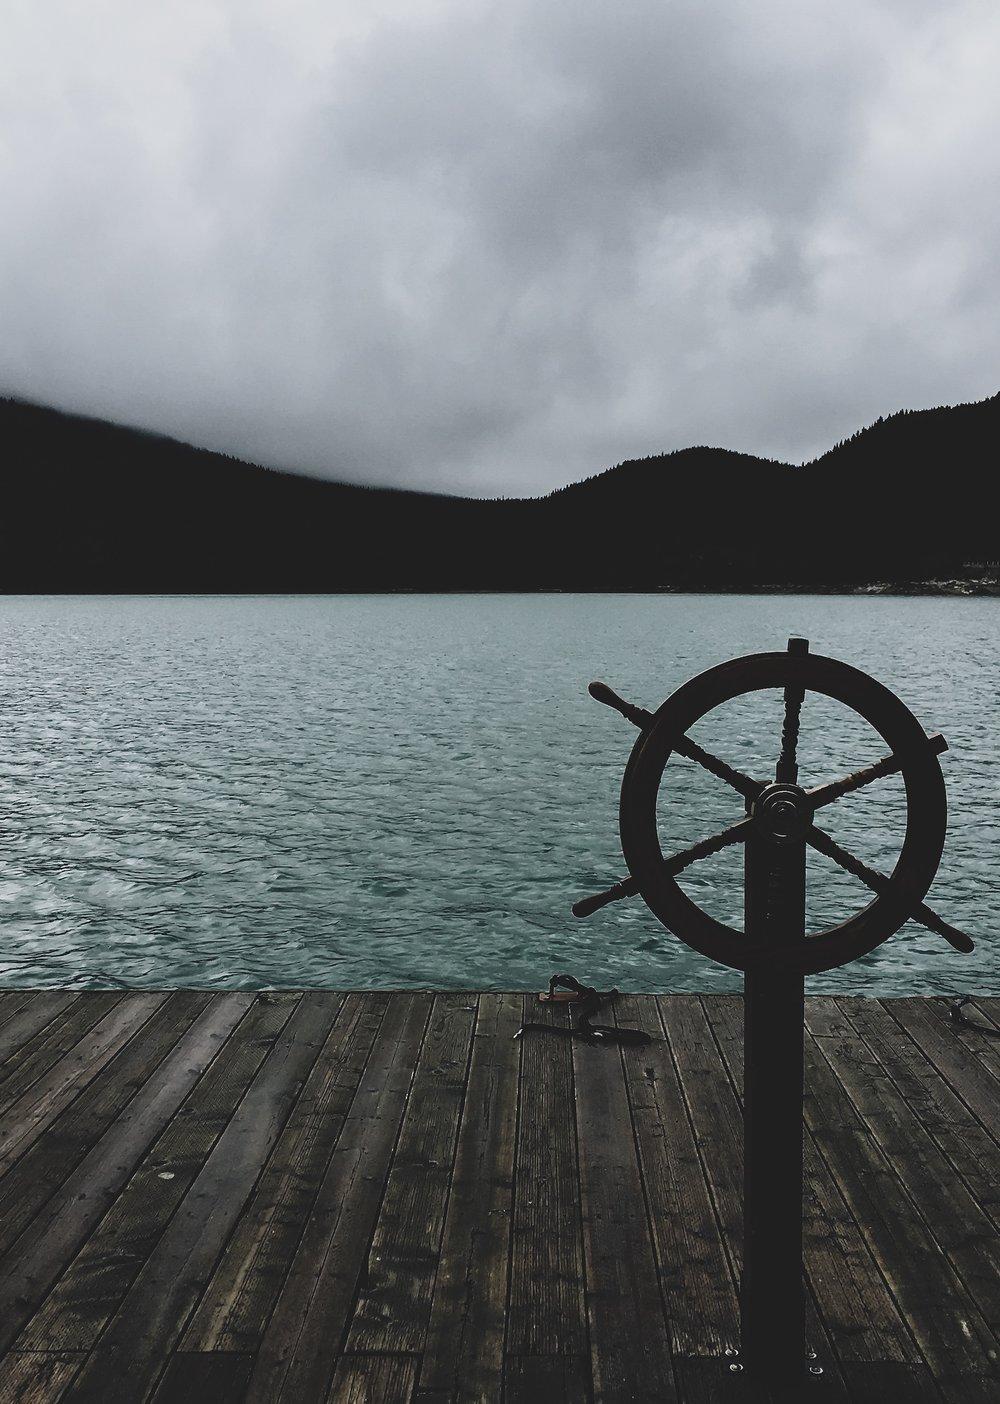 The Dock at Lake Minnewanka